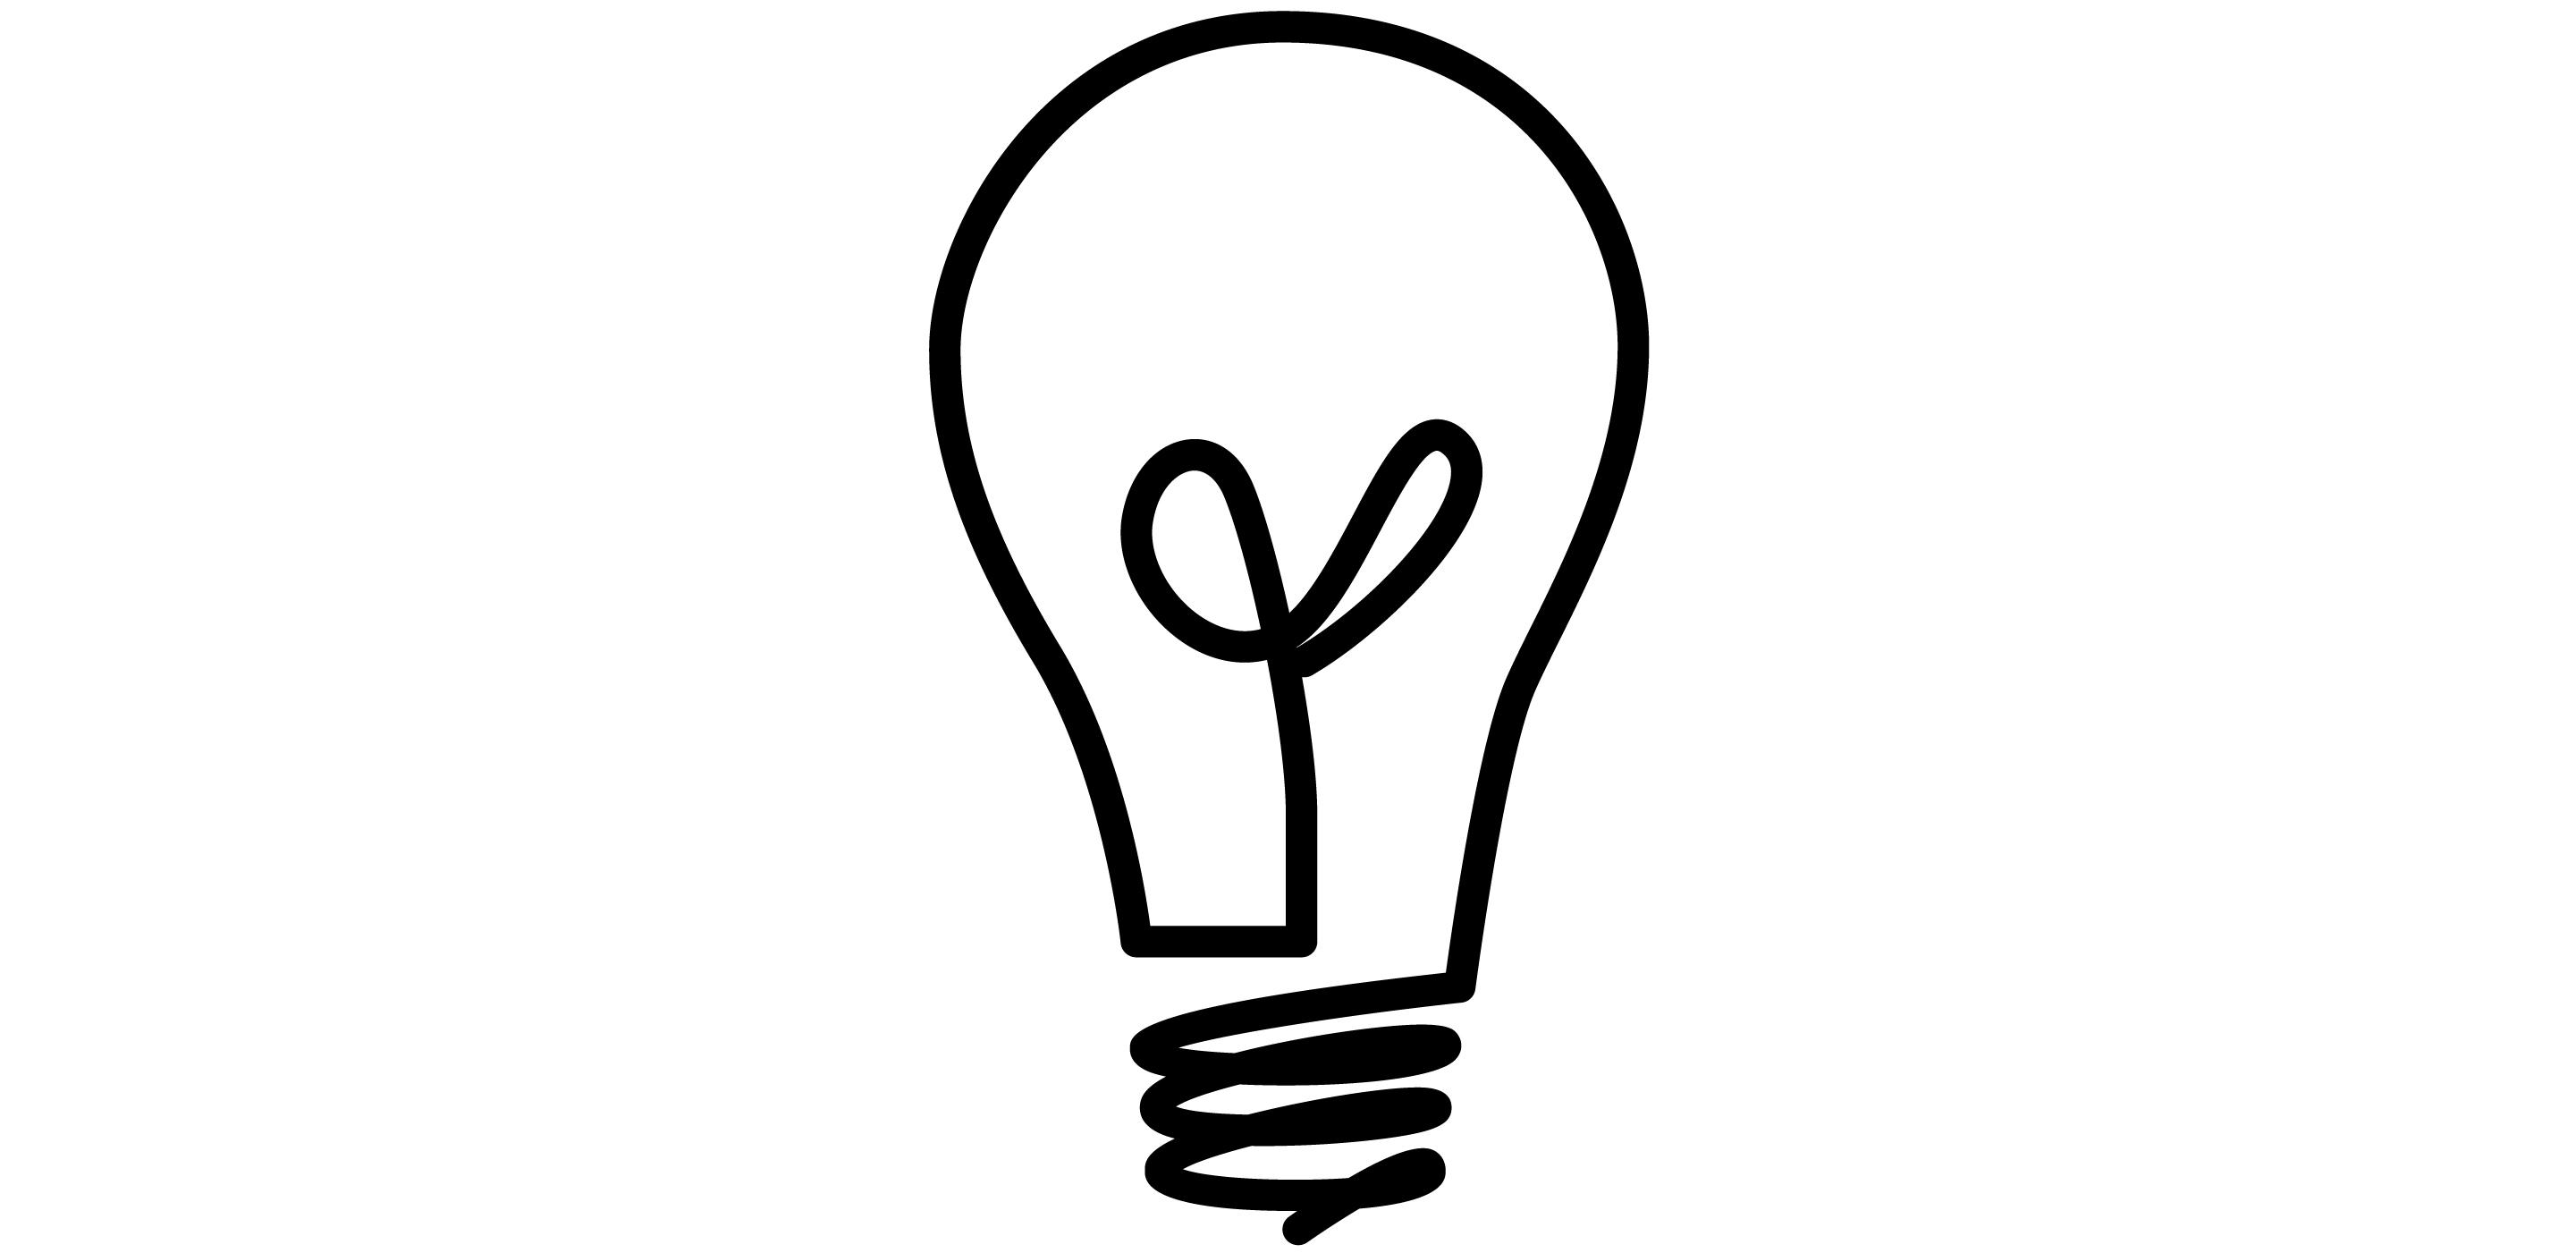 Lightbulb light bulb clip art image 2